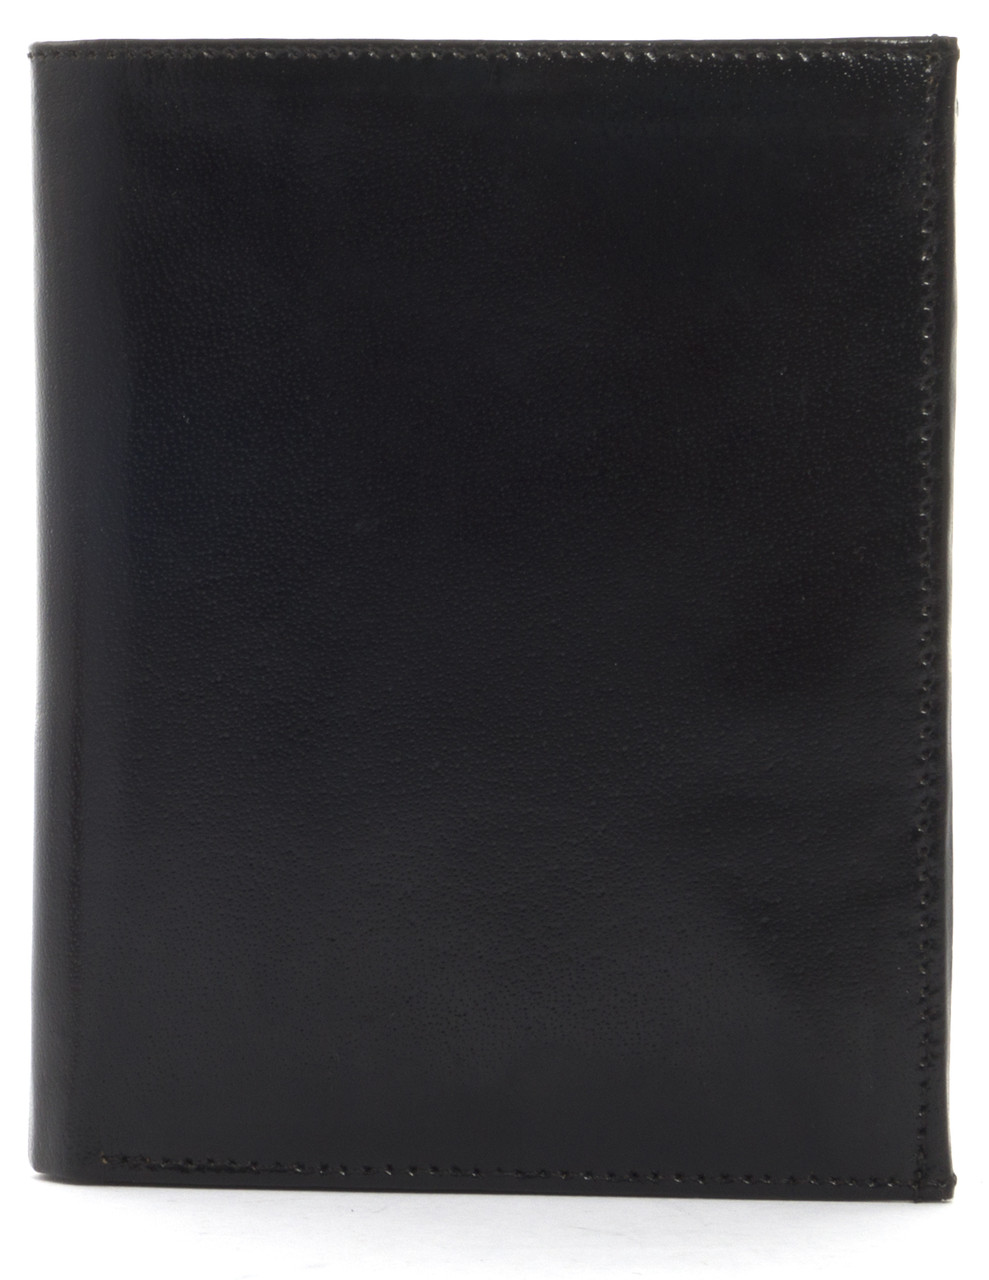 Кошелек мужской кожаный с большим количеством отделений BON VOYAGE art. MN472 черный, шлифованная кожа, фото 1